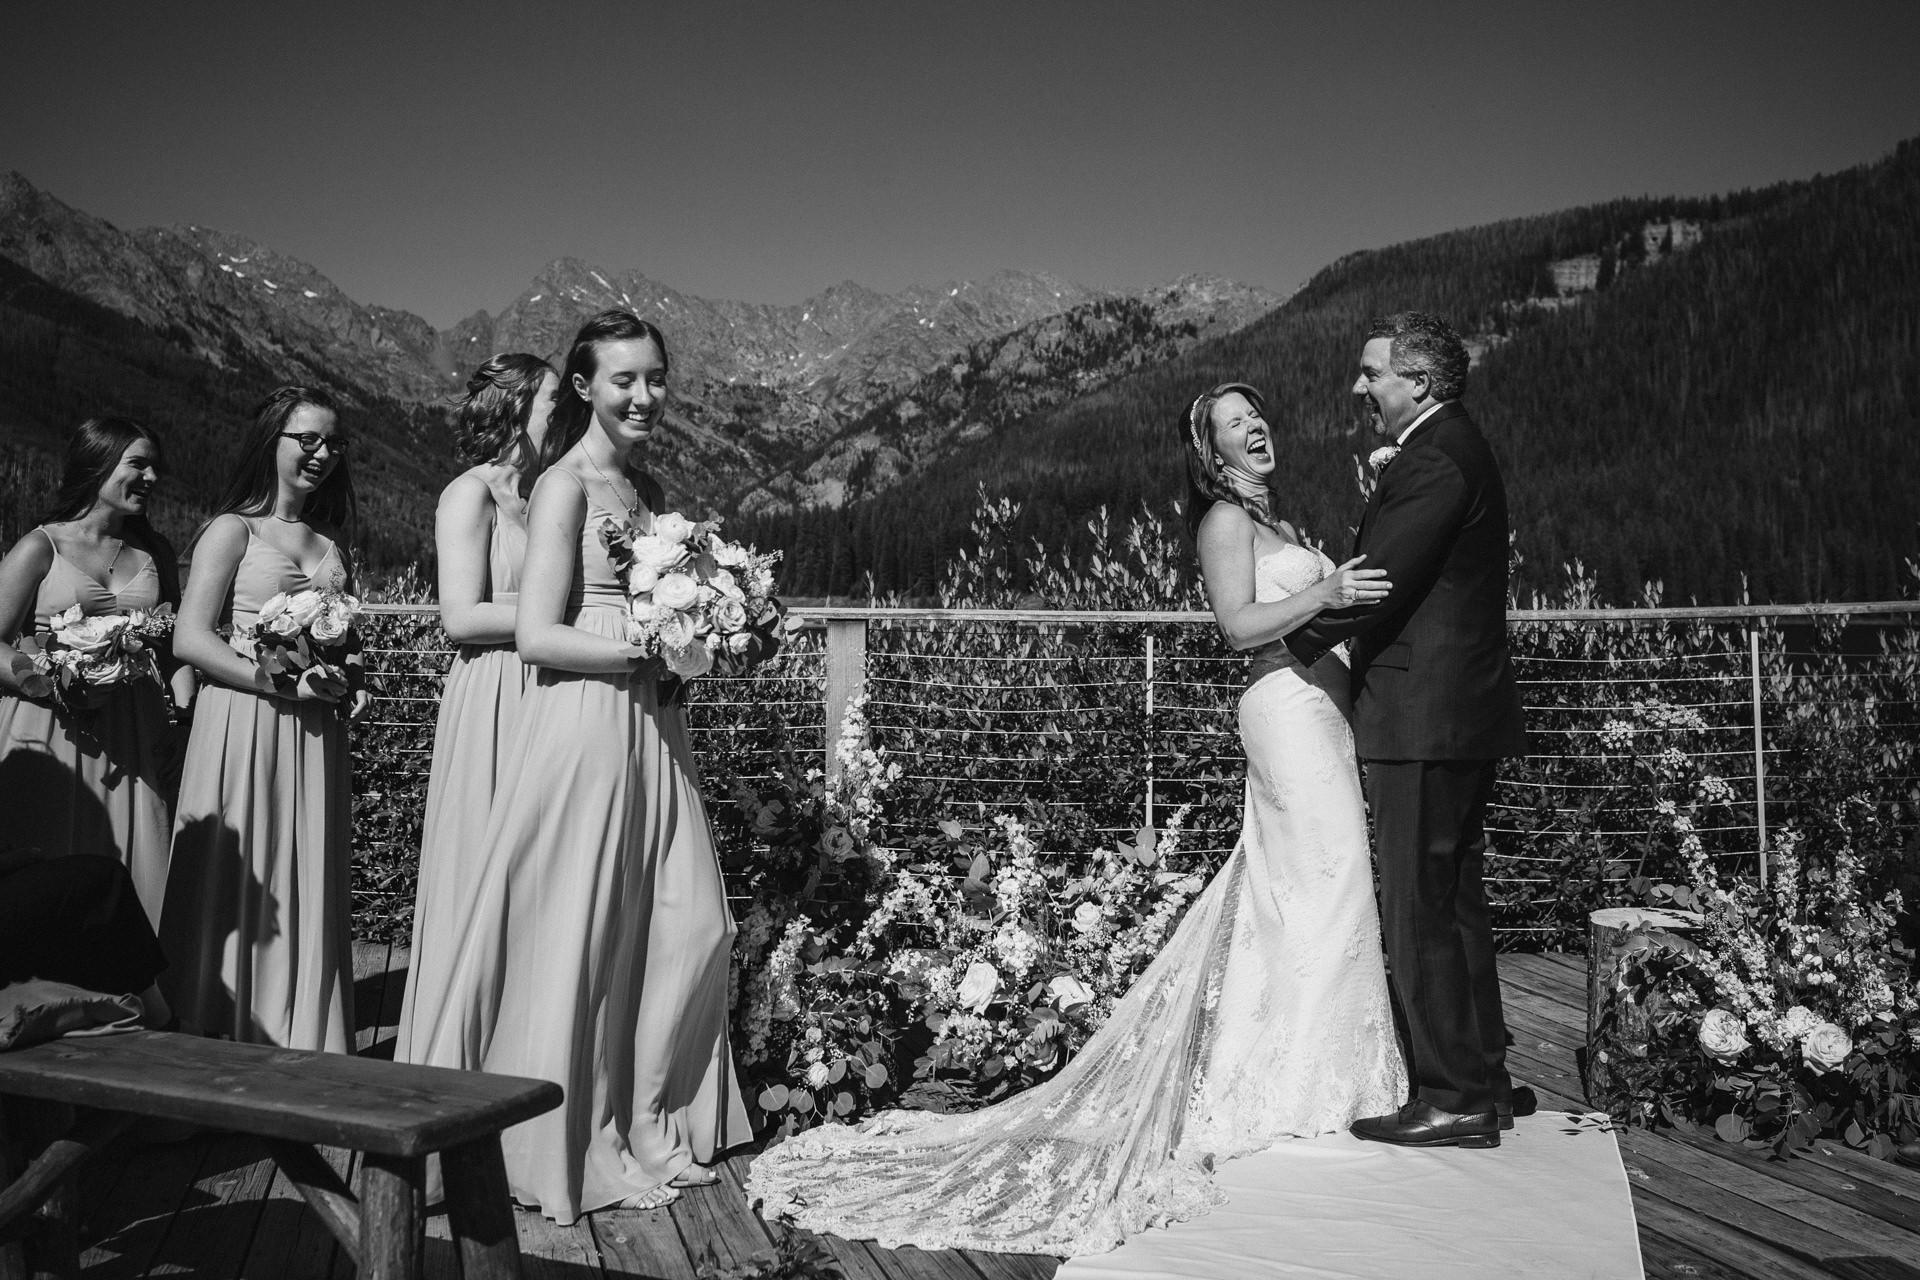 戈尔山脉,松树河婚礼摄影师| 他们在仪式上大笑